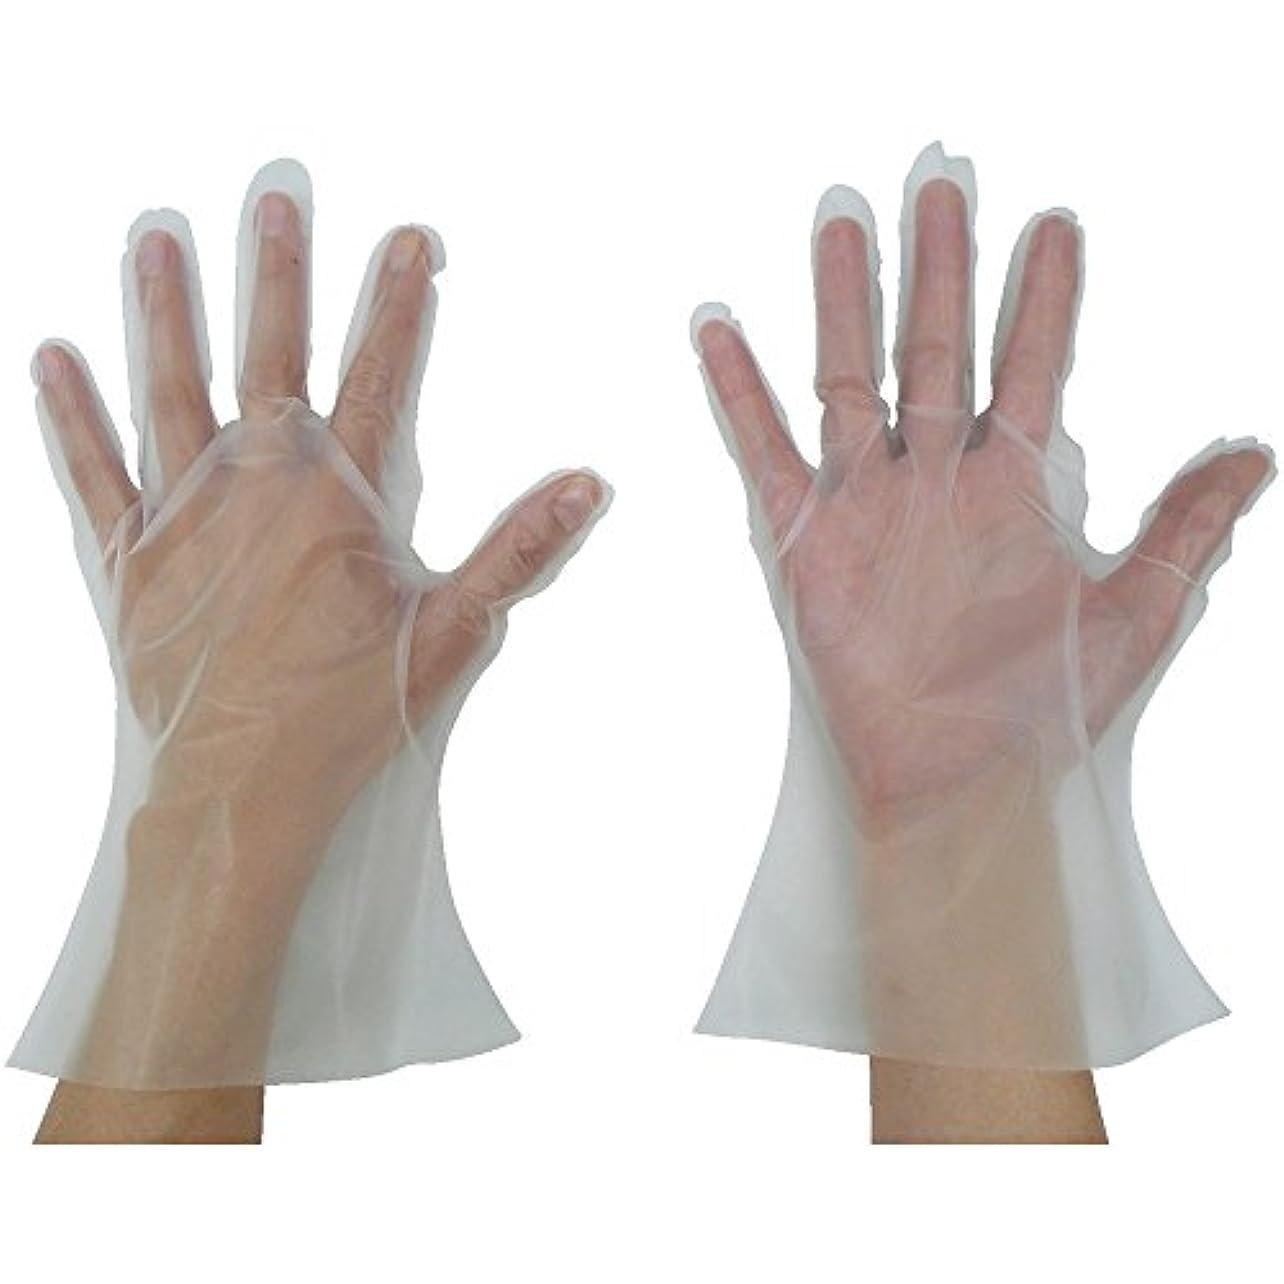 八百屋さん副産物連続した東京パック 緊急災害対策用手袋ニュ?マイジャスト簡易50S 半透明 KN-S ポリエチレン使い捨て手袋